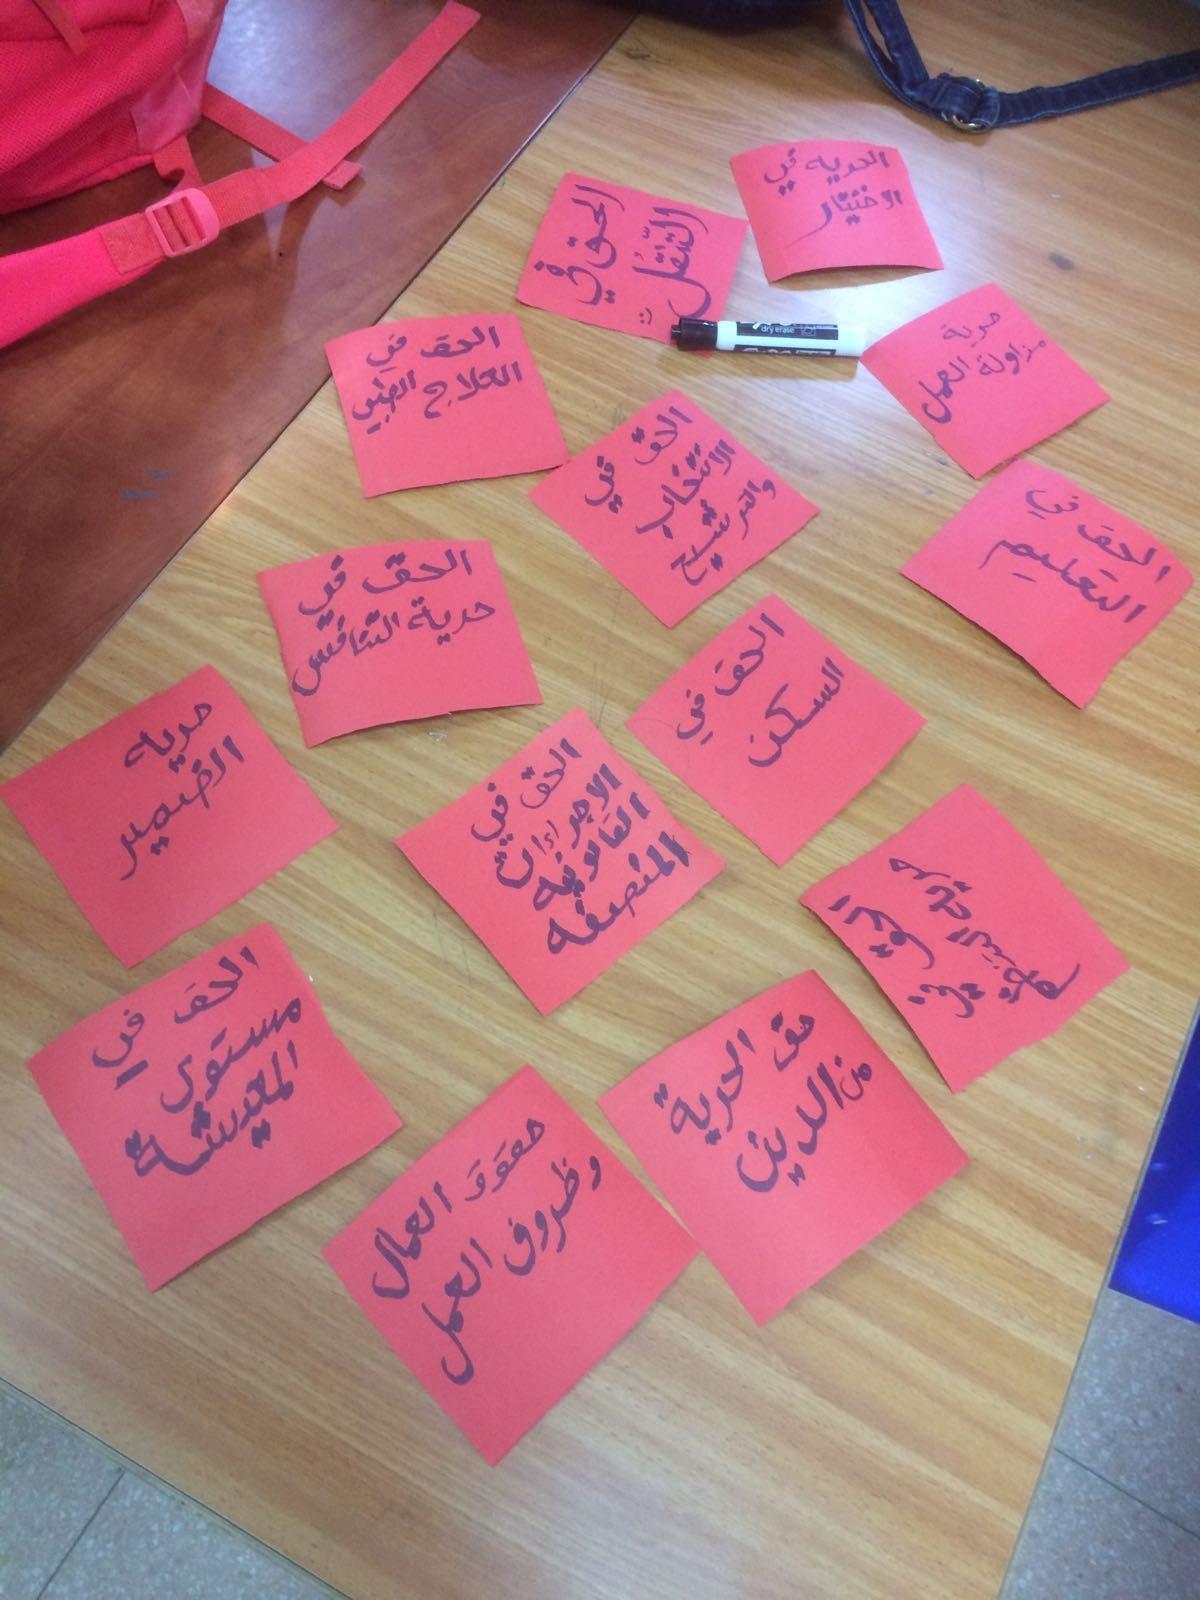 نجاح باهر ليوم حقوق الانسان والمواطن بمدرسة أورط على أسم حلمي الشافعي عكا